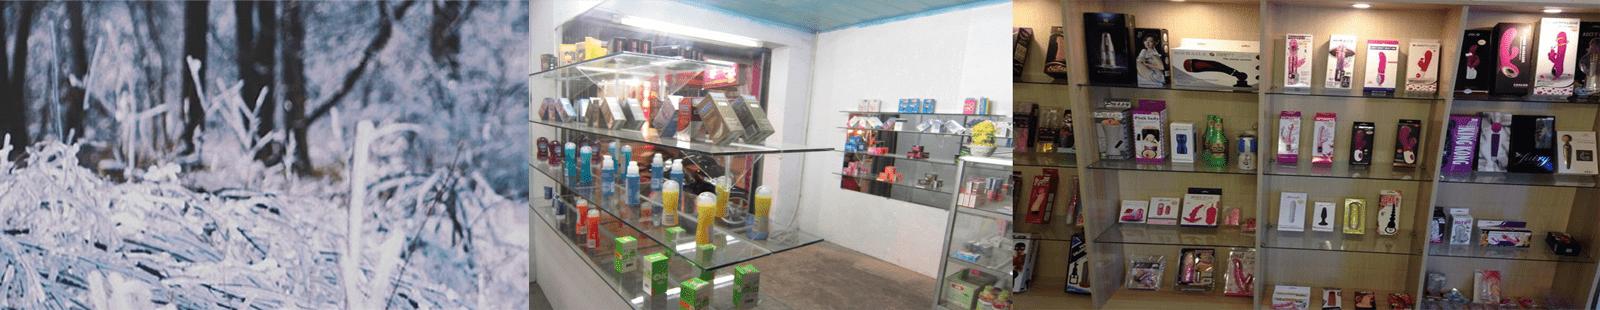 shop bao cao su đồ chơi người lớn thanh hóa